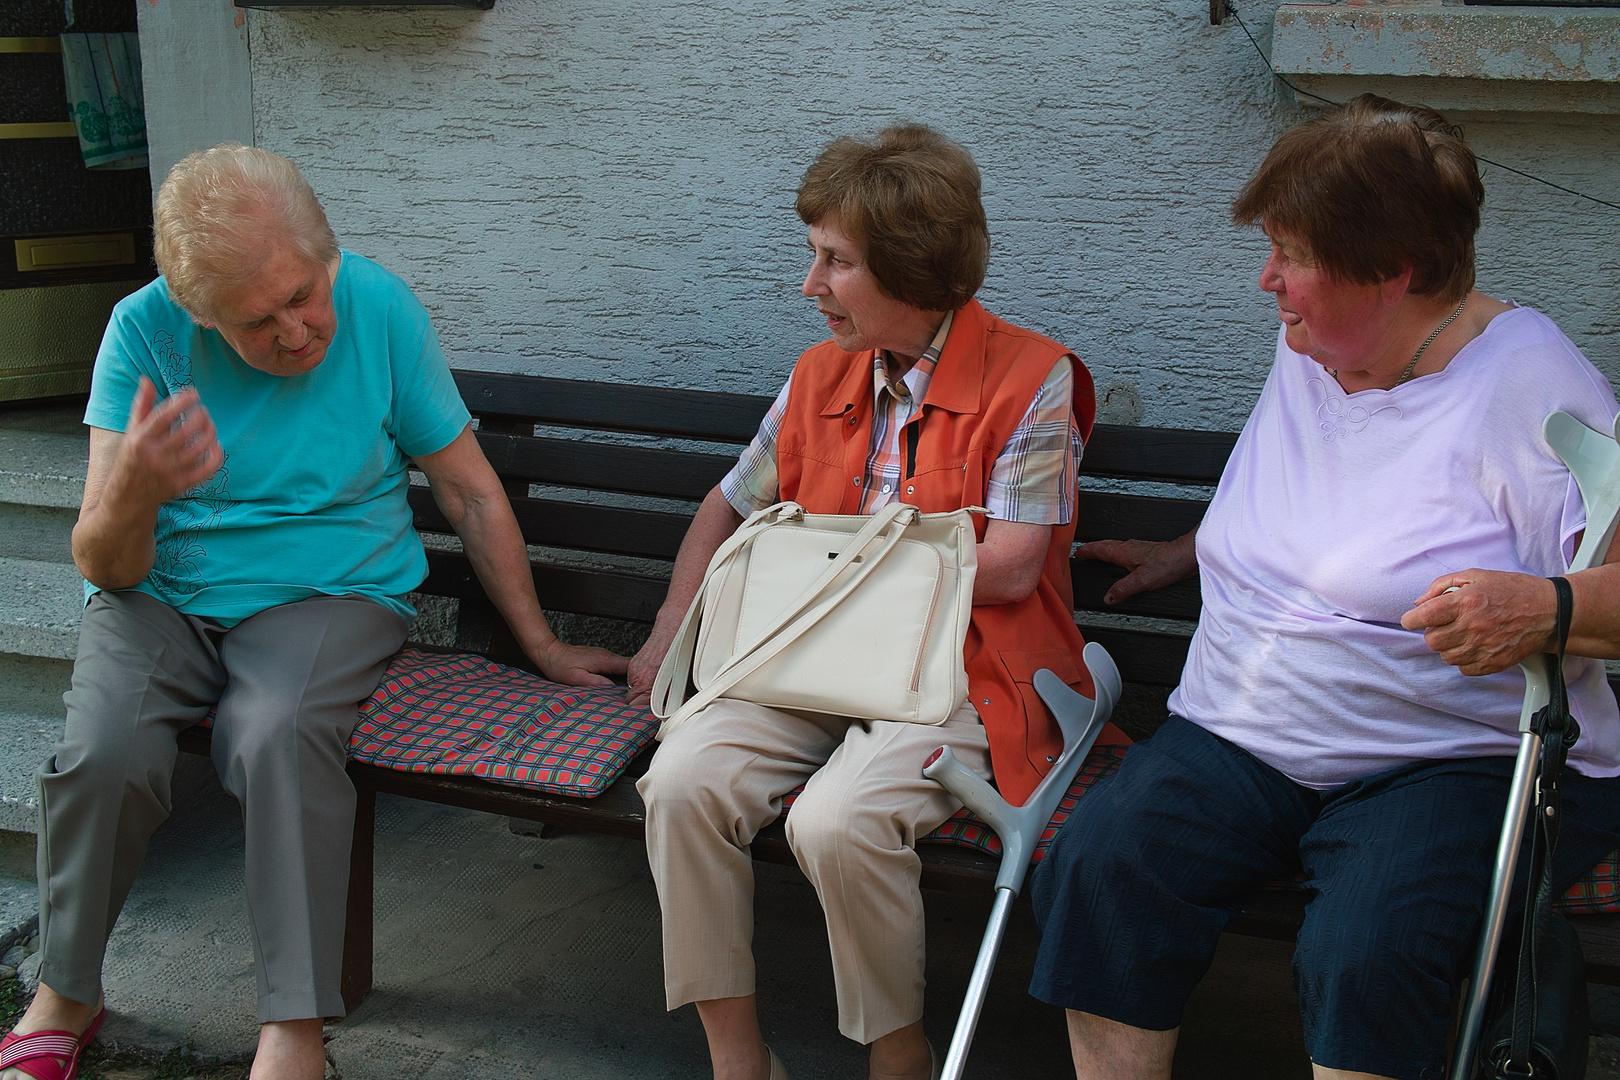 drei ltere damen sitzen auf einer bank und unterhalten sich miteinander foto bild. Black Bedroom Furniture Sets. Home Design Ideas